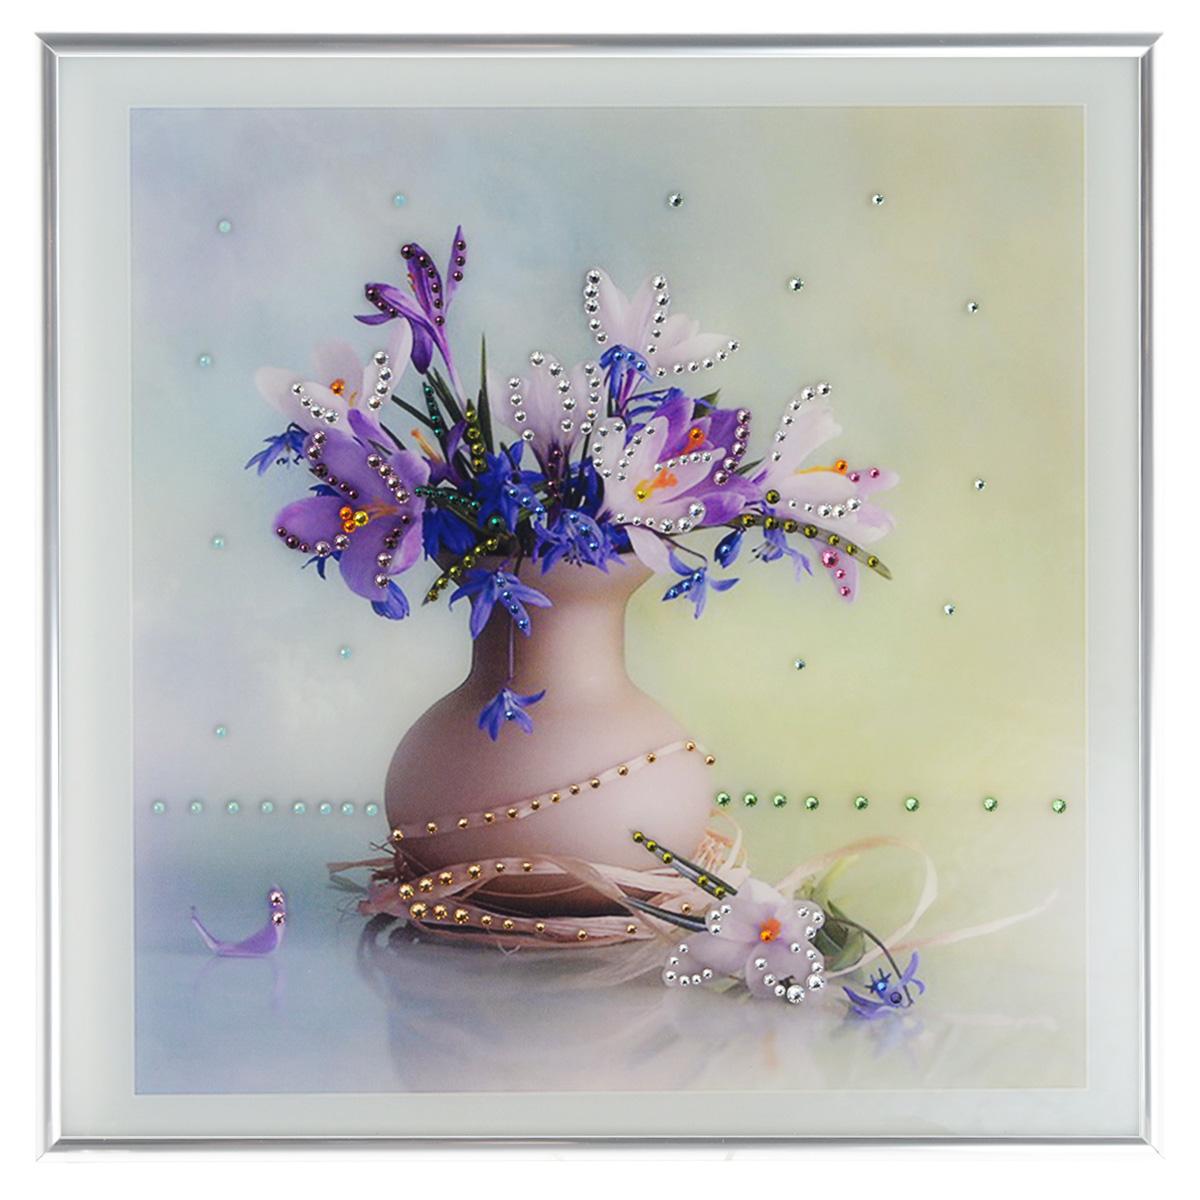 Картина с кристаллами Swarovski Весна, 30 х 30 смAG 30-11Изящная картина в металлической раме, инкрустирована кристаллами Swarovski, которые отличаются четкой и ровной огранкой, ярким блеском и чистотой цвета. Красочное изображение букета цветов в вазе, расположенное под стеклом, прекрасно дополняет блеск кристаллов. С обратной стороны имеется металлическая петелька для размещения картины на стене. Картина с кристаллами Swarovski Весна элегантно украсит интерьер дома или офиса, а также станет прекрасным подарком, который обязательно понравится получателю. Блеск кристаллов в интерьере, что может быть сказочнее и удивительнее. Картина упакована в подарочную картонную коробку синего цвета и комплектуется сертификатом соответствия Swarovski.